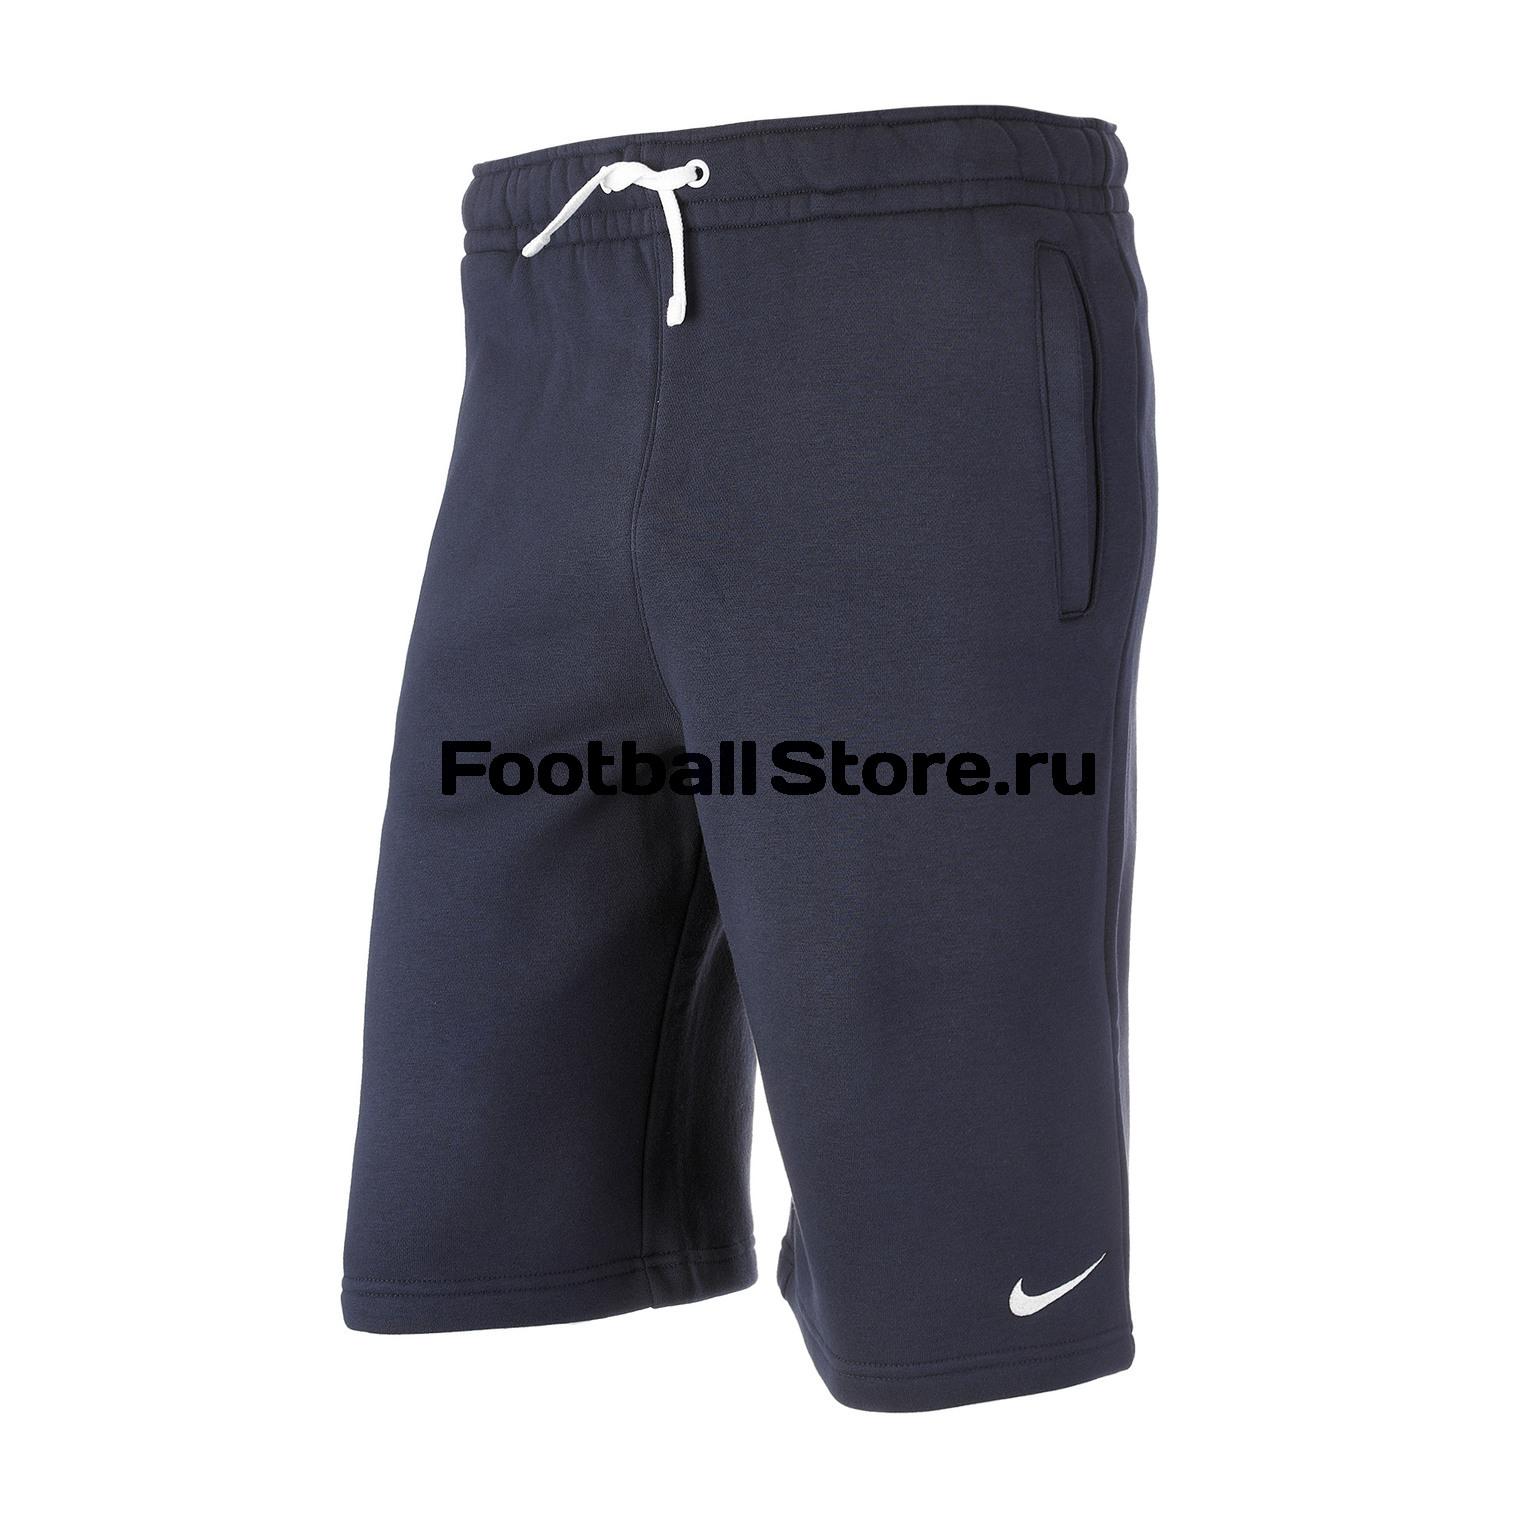 Шорты подростковые Nike Fleece Club19 AQ3142-451 цена и фото